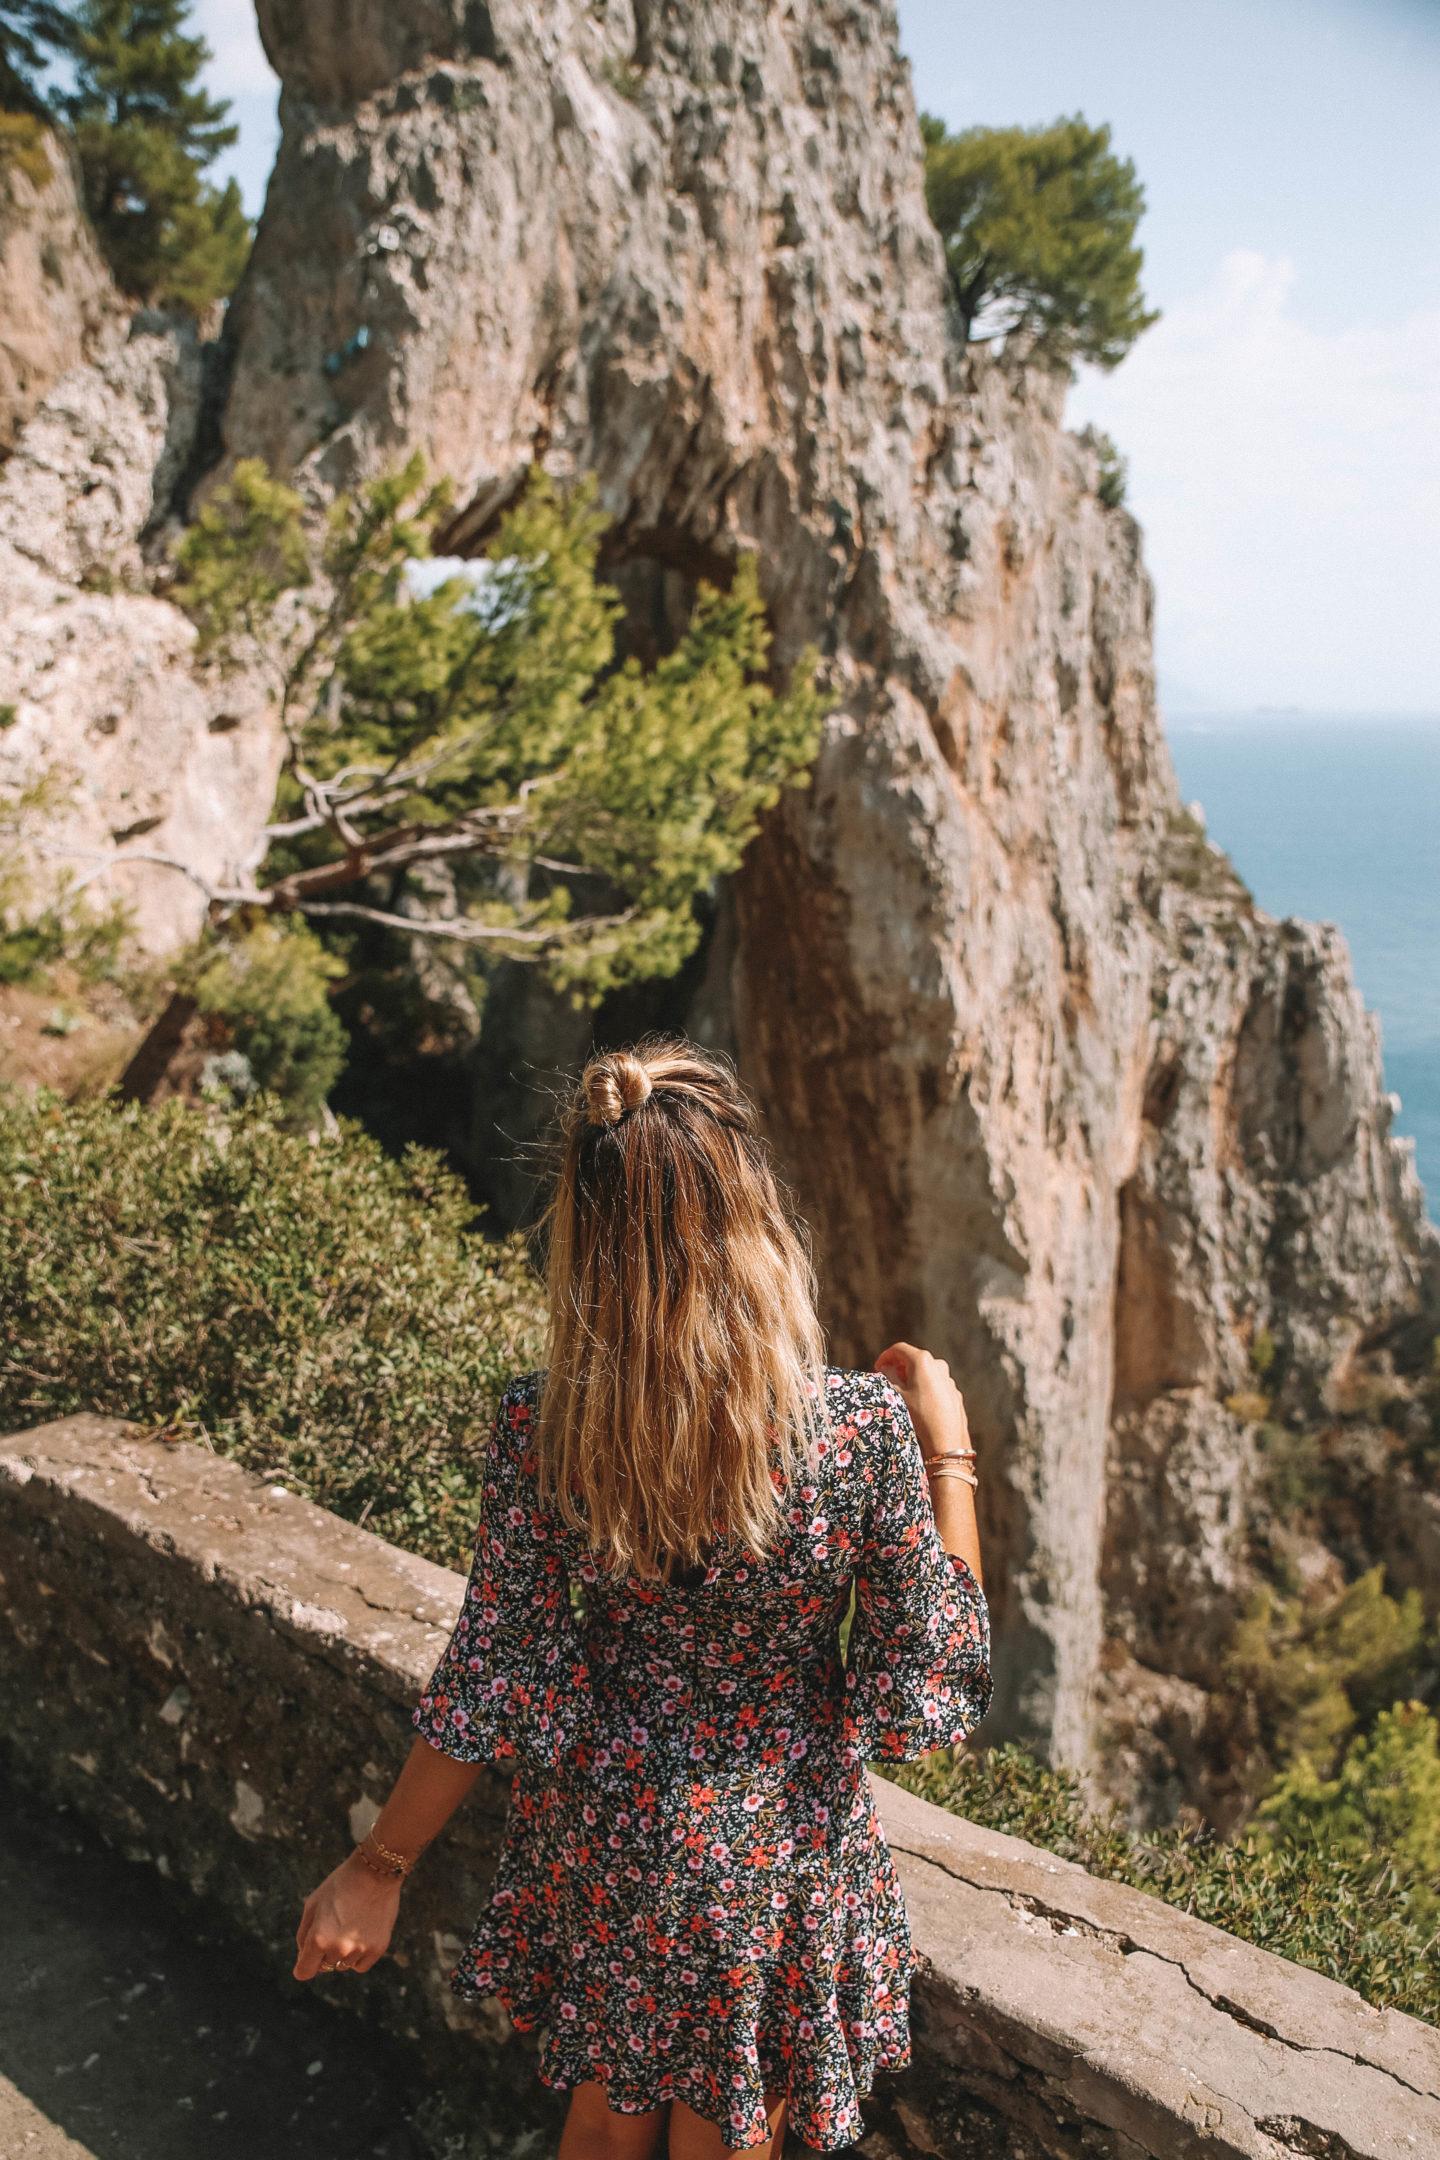 Arco naturale Capri - Blondie baby blog mode et voyages